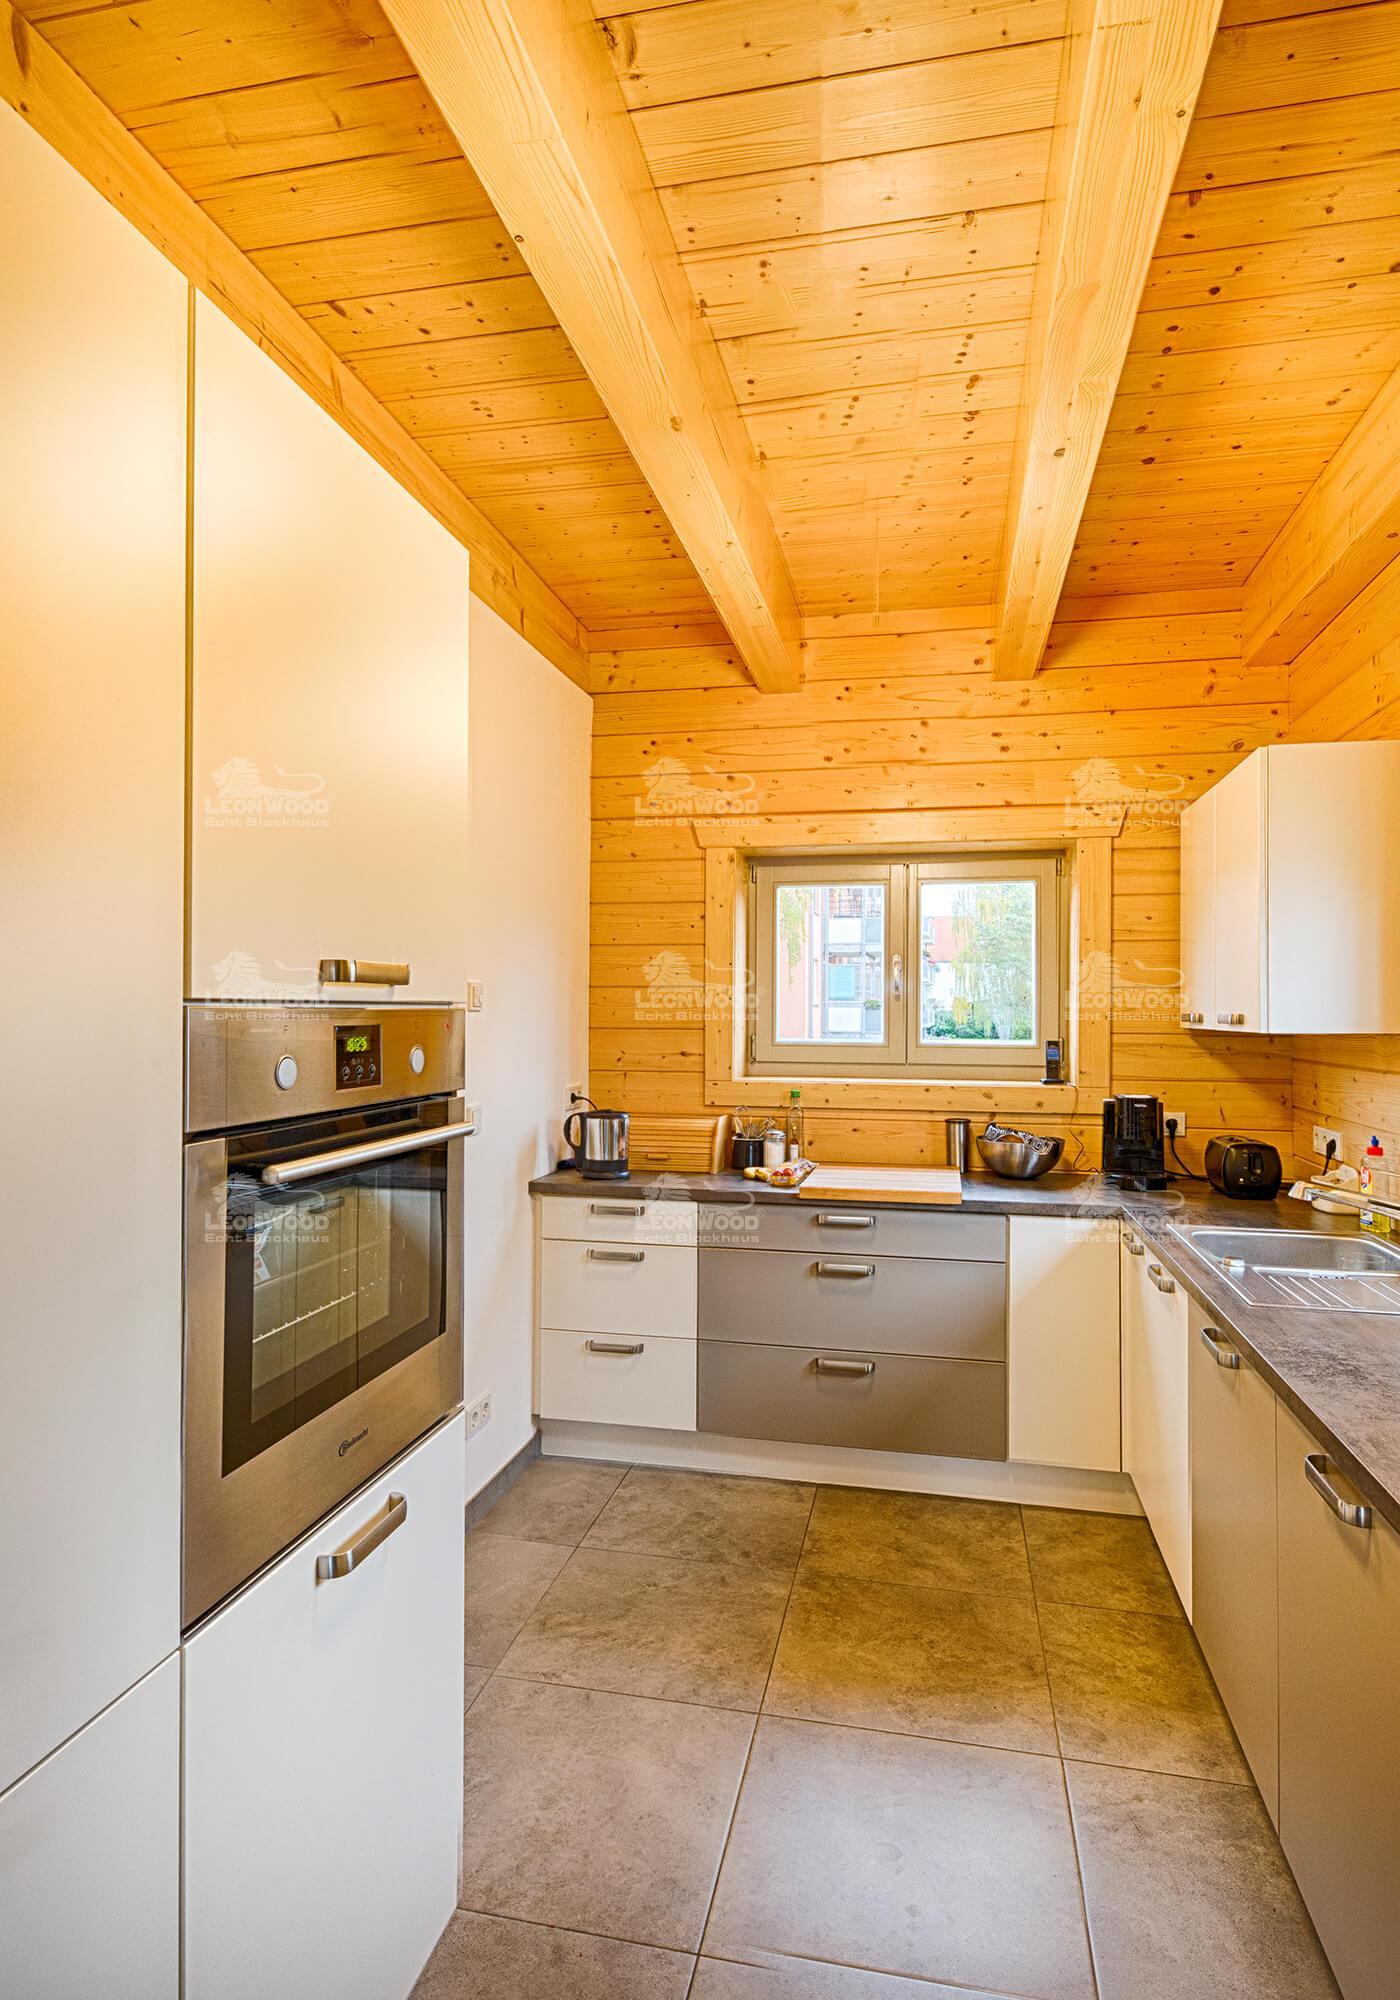 Fein Blockhaus Innenarchitektur Küche Ideen - Ideen Für Die Küche ...